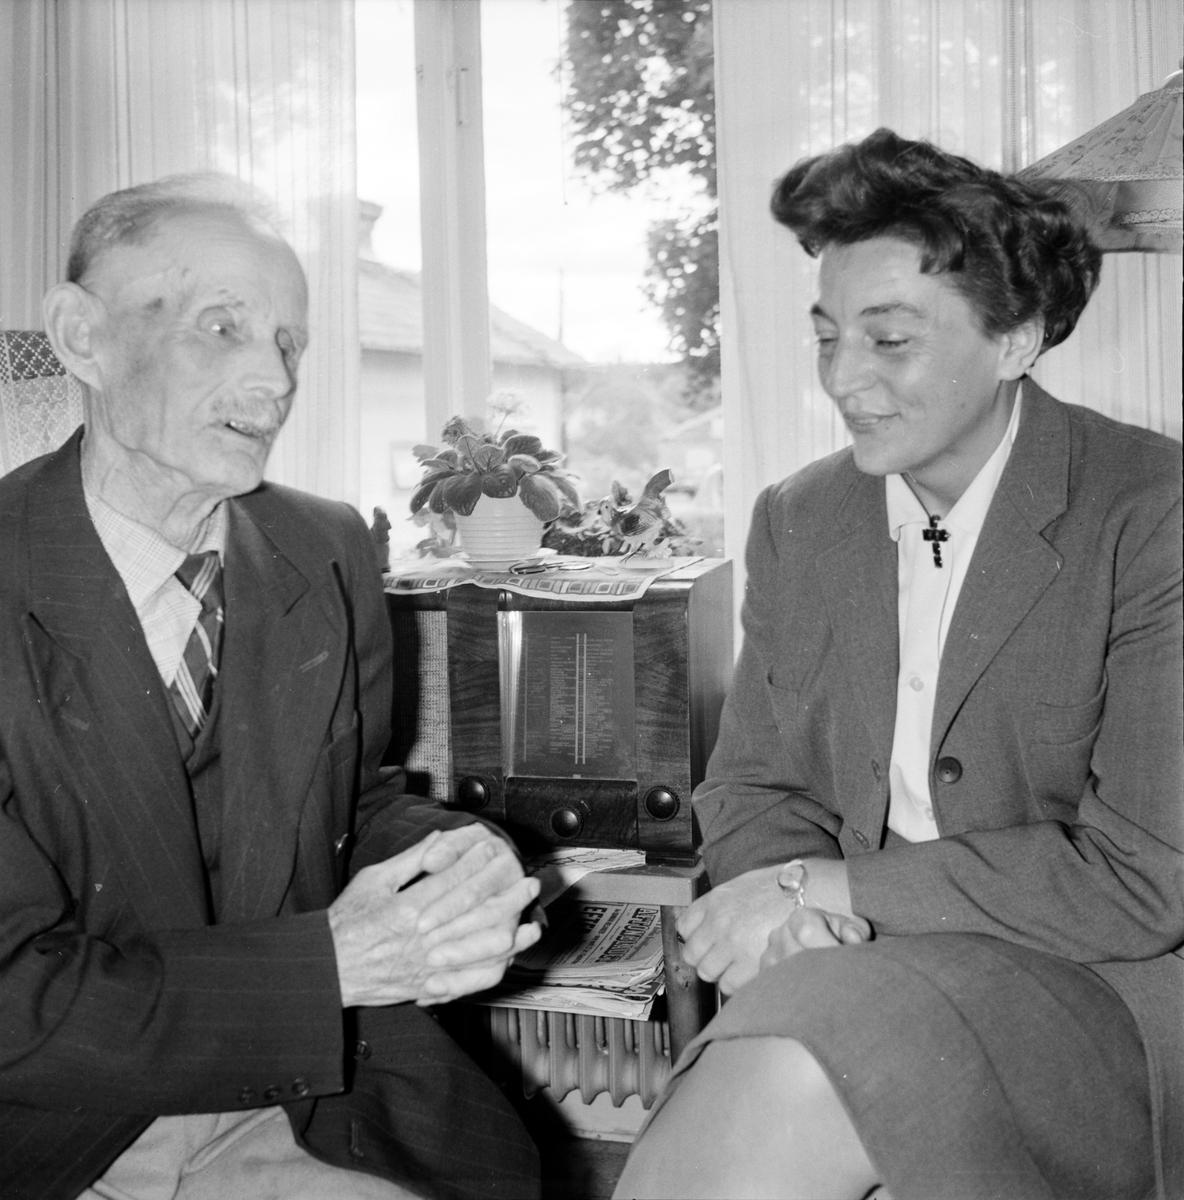 Säversta, Diakonissan syster Svea Karlsson besöker gamle Olof Dahlberg, 8 September 1966